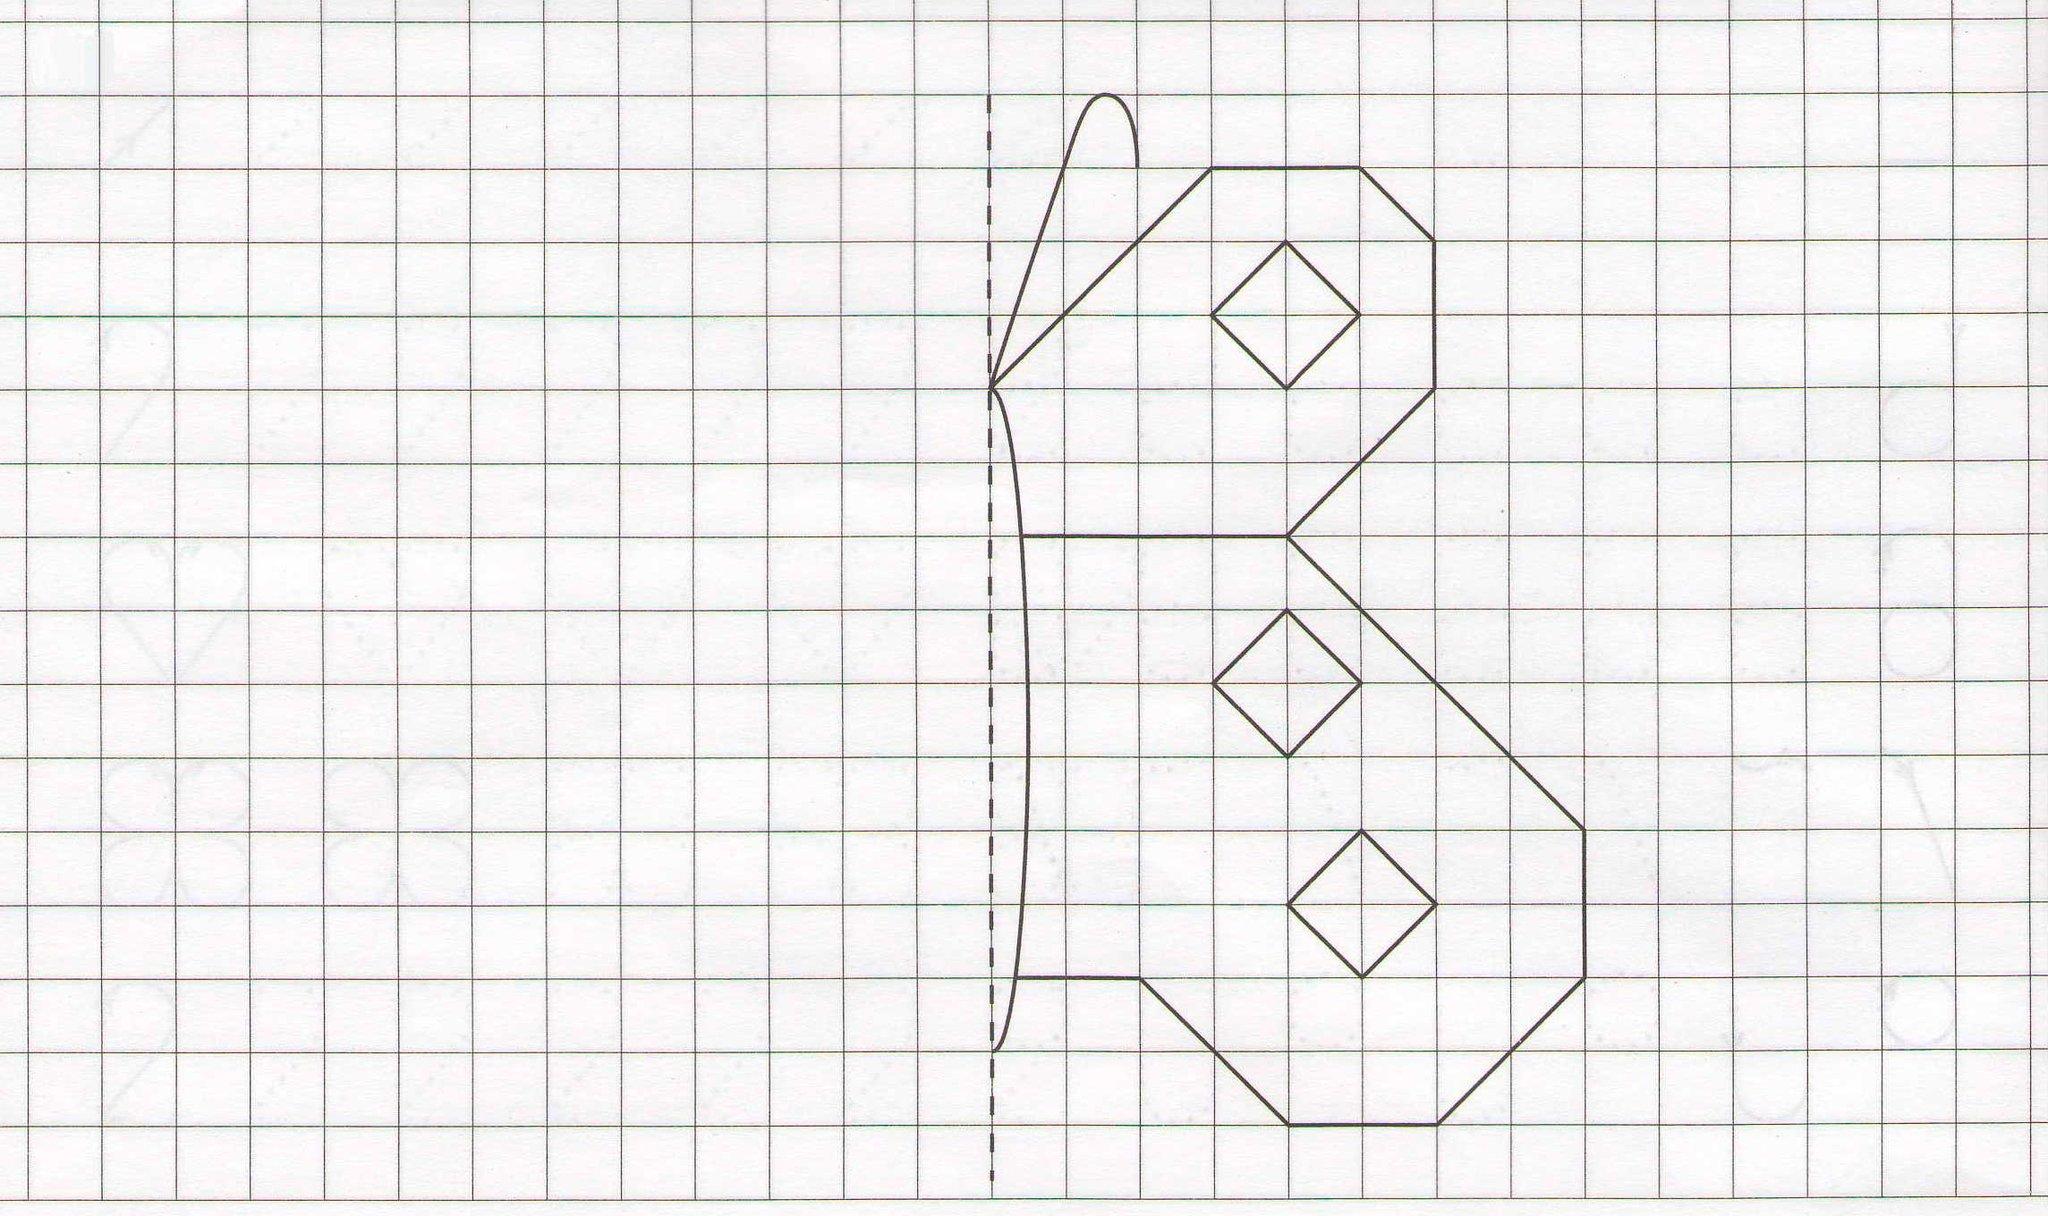 срисовать картинки карандашом по клеточкам модели также будут